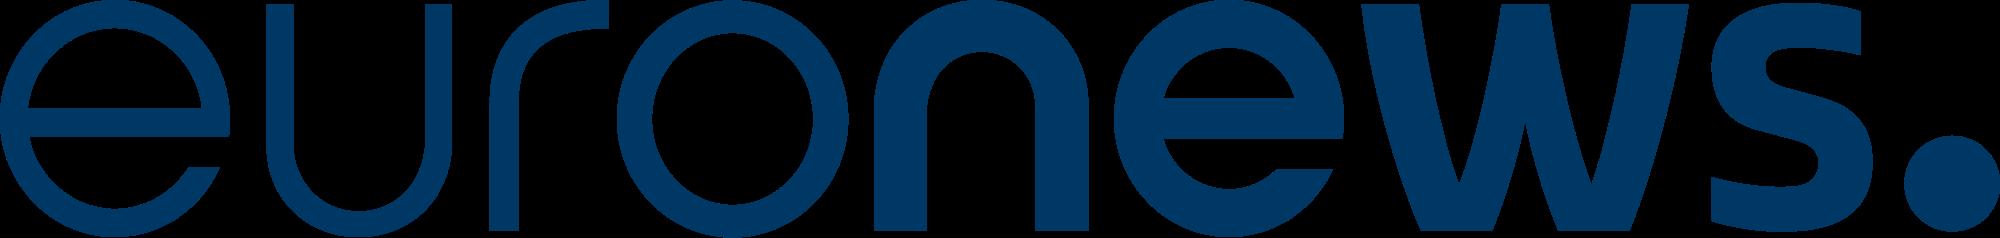 Euronews_logo.png